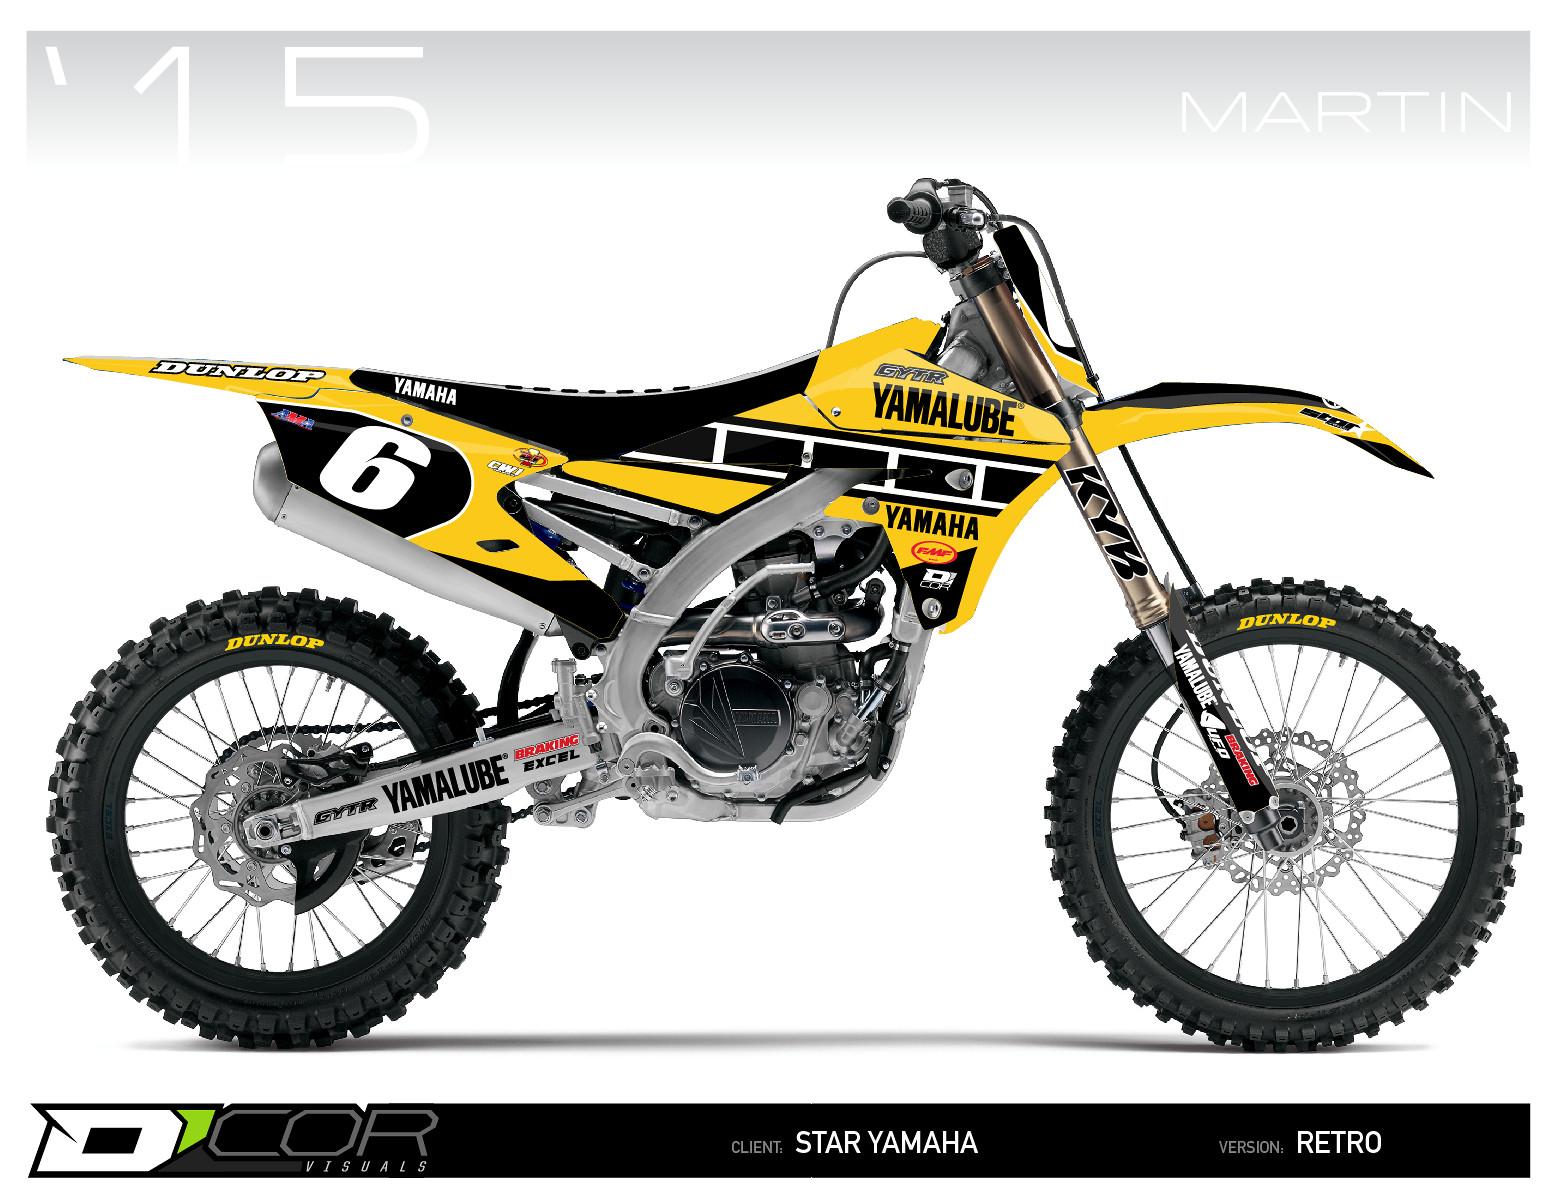 Yamaha clipart motocross Yamaha MX Star moto Zone